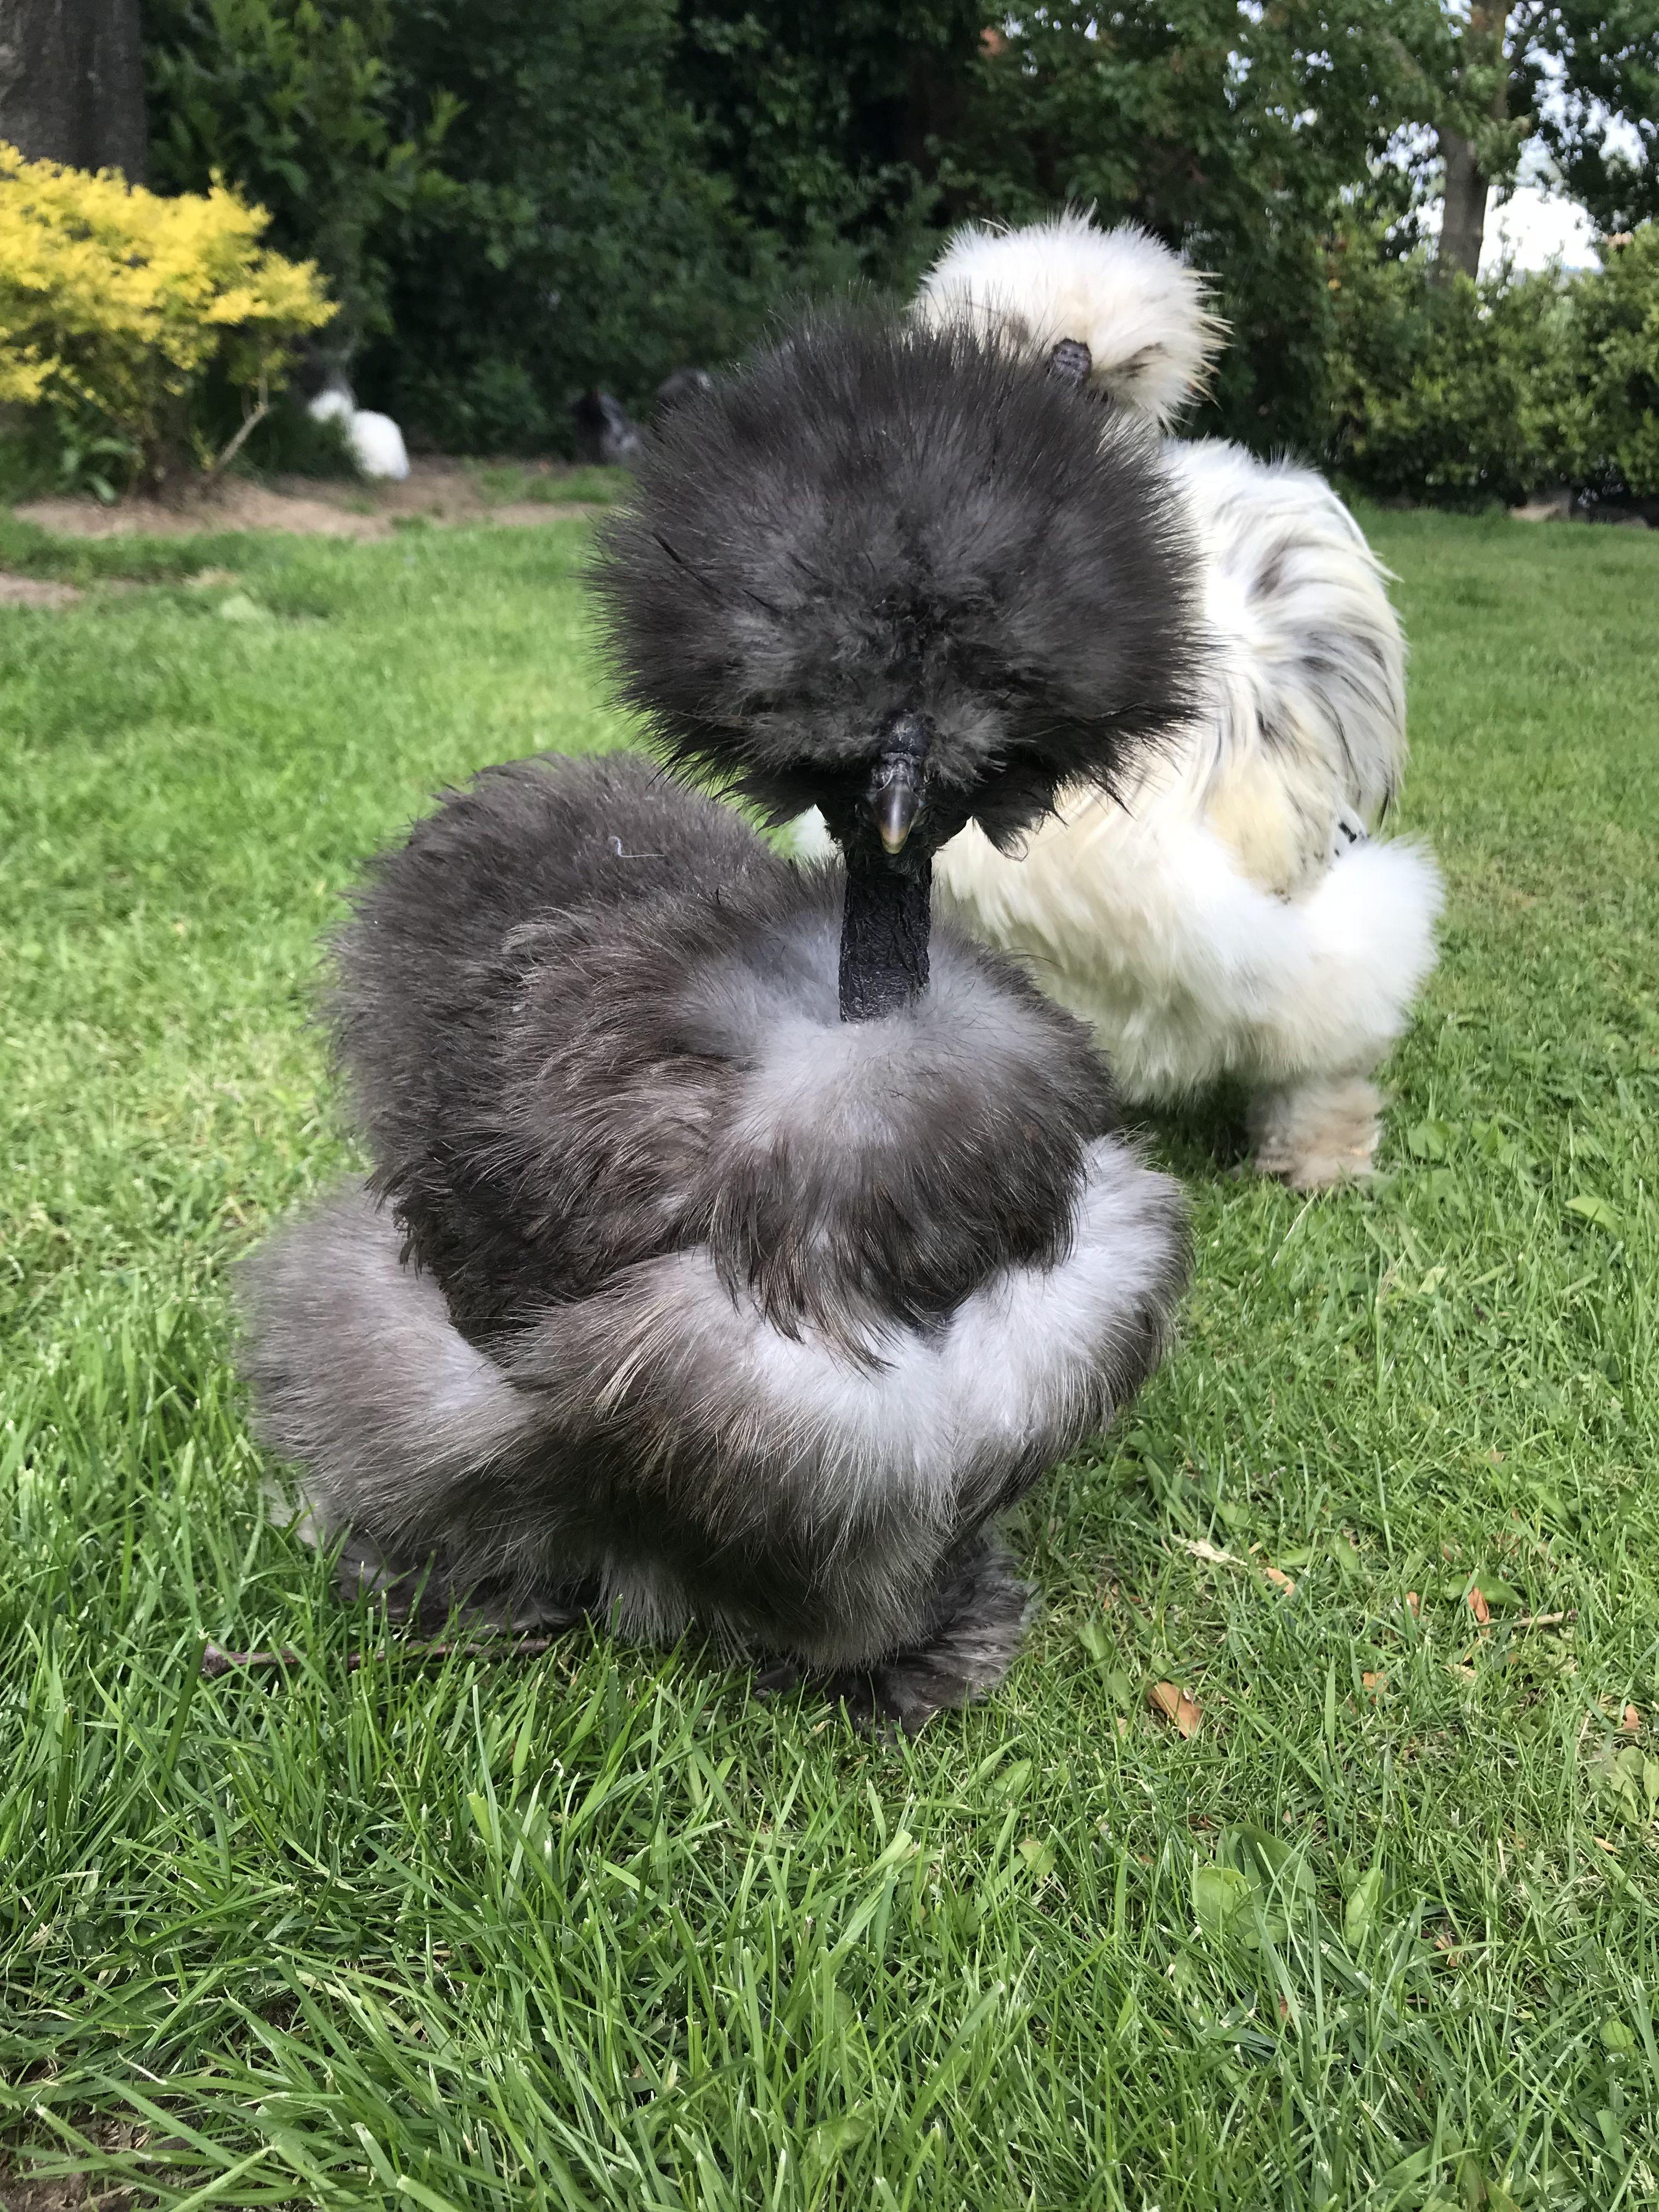 Showgirl. Silkie chicken | Silkie chickens, Black chickens ...